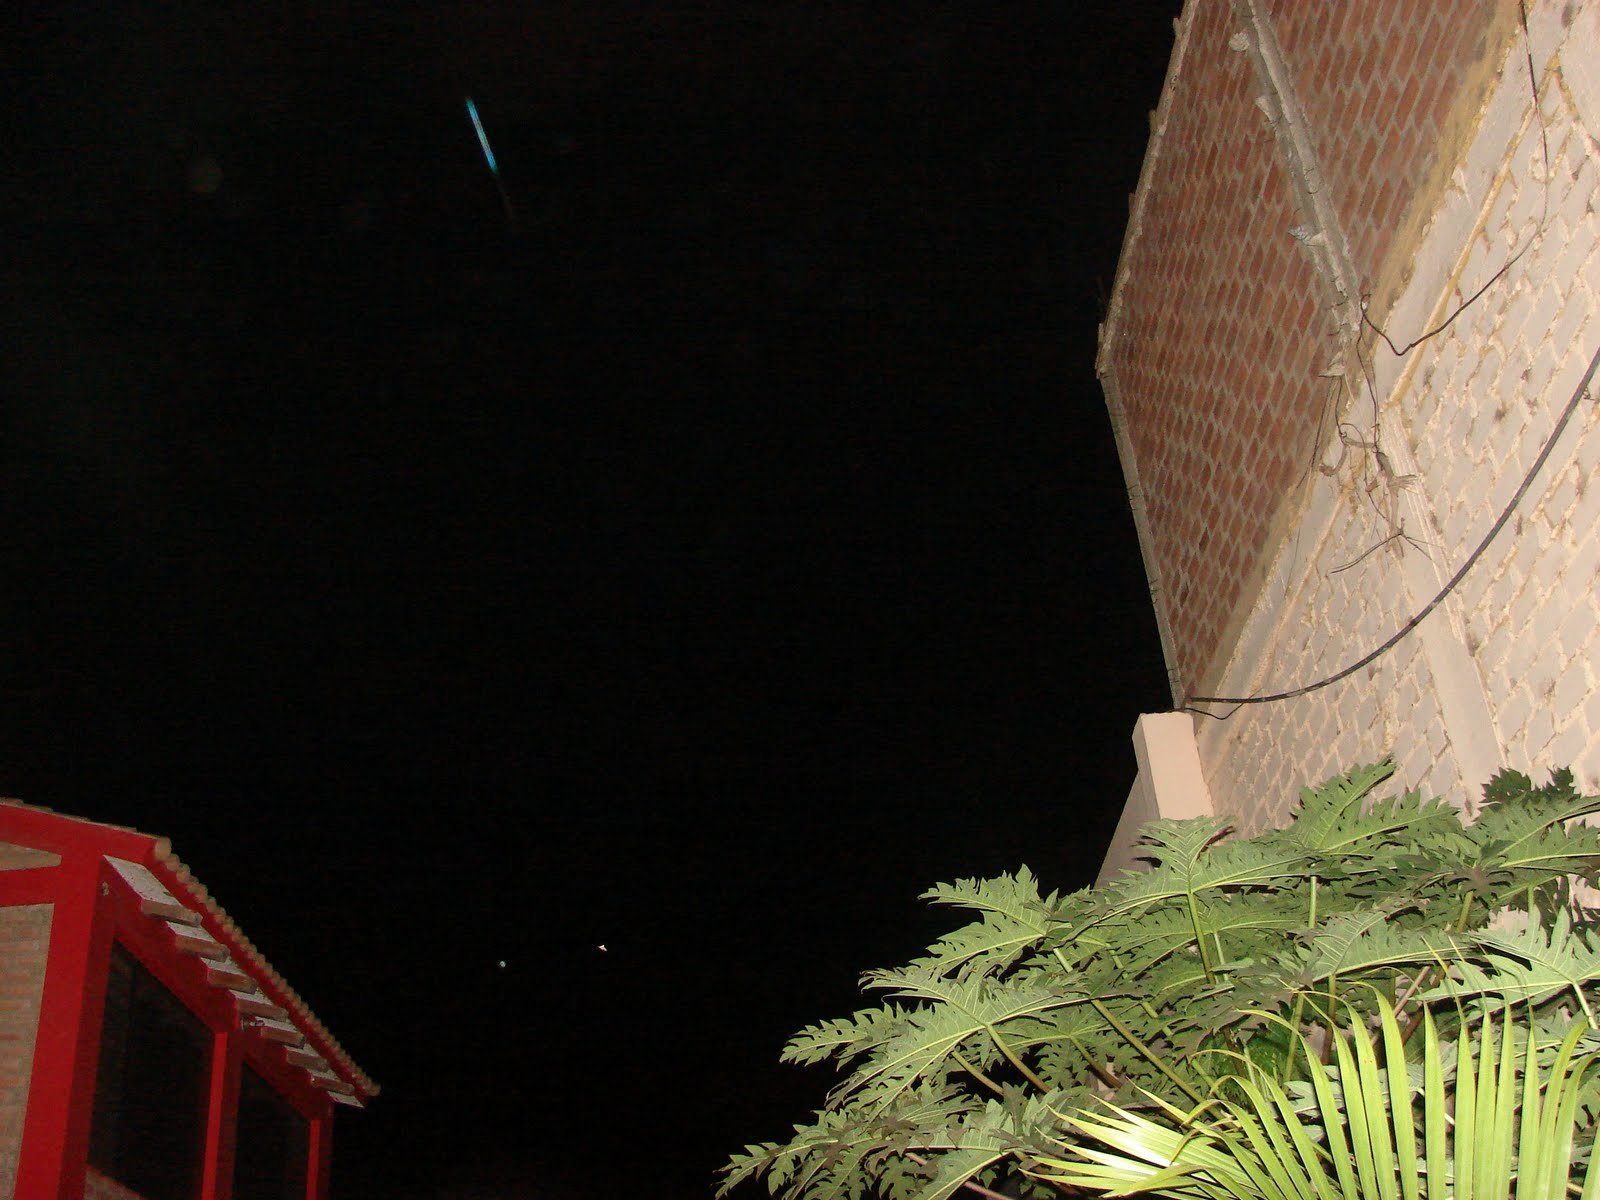 ATENCION-6-mayo-7-8-910...2011-Ultimos Avistamientos Ovni ´´LINEAL´´turqueza,celeste,5:02 am sec...